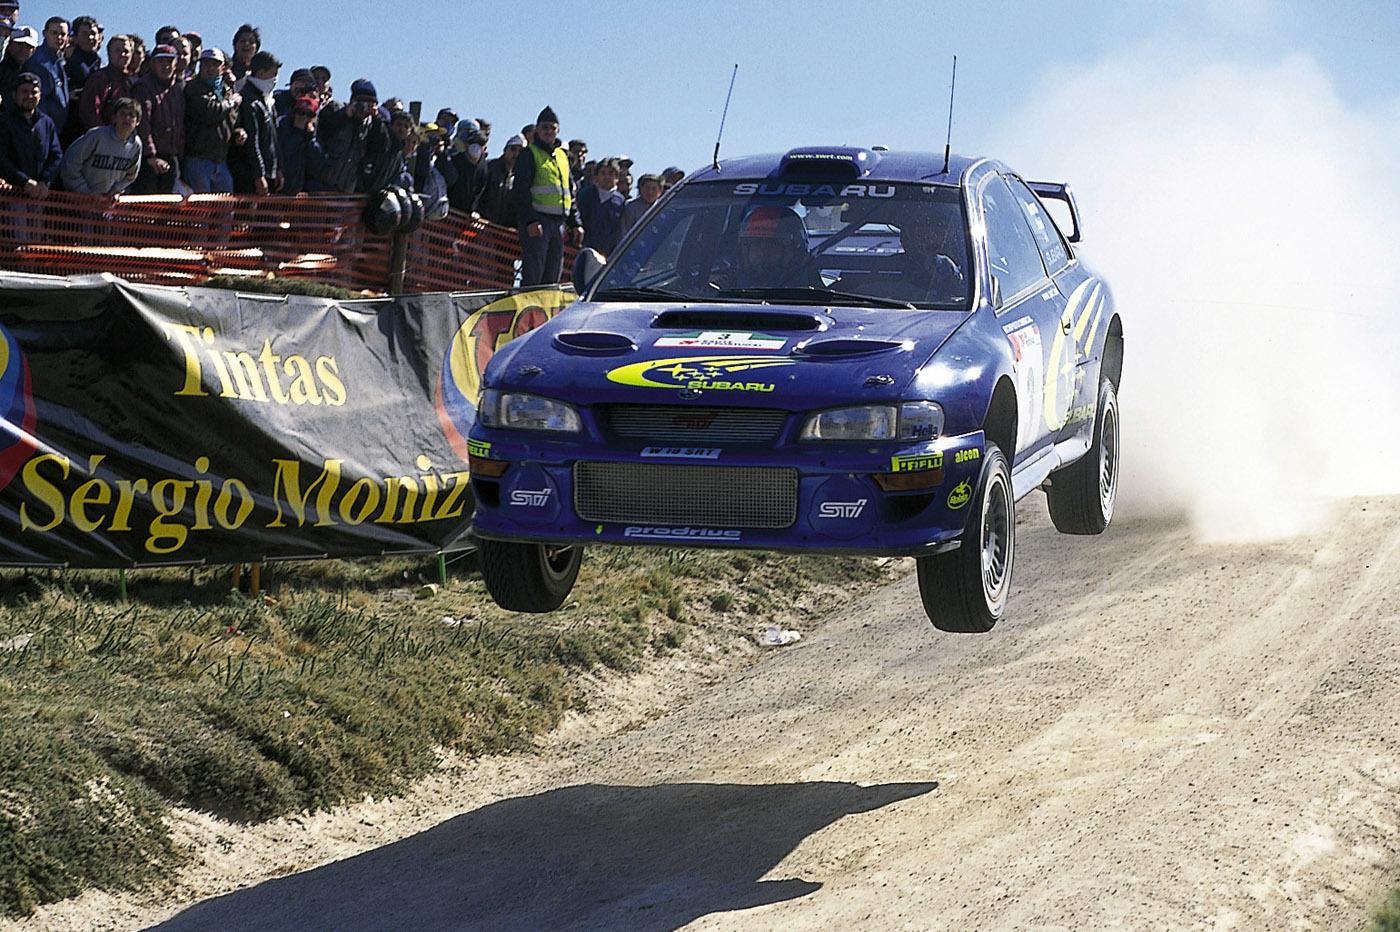 世界ラリー選手権で客席を一面「青」にしてみせたスバルのラリーチーム。当時は「555」のステッカーを車体に貼りまくったラリーレプリカ車も多く街中を走っていた